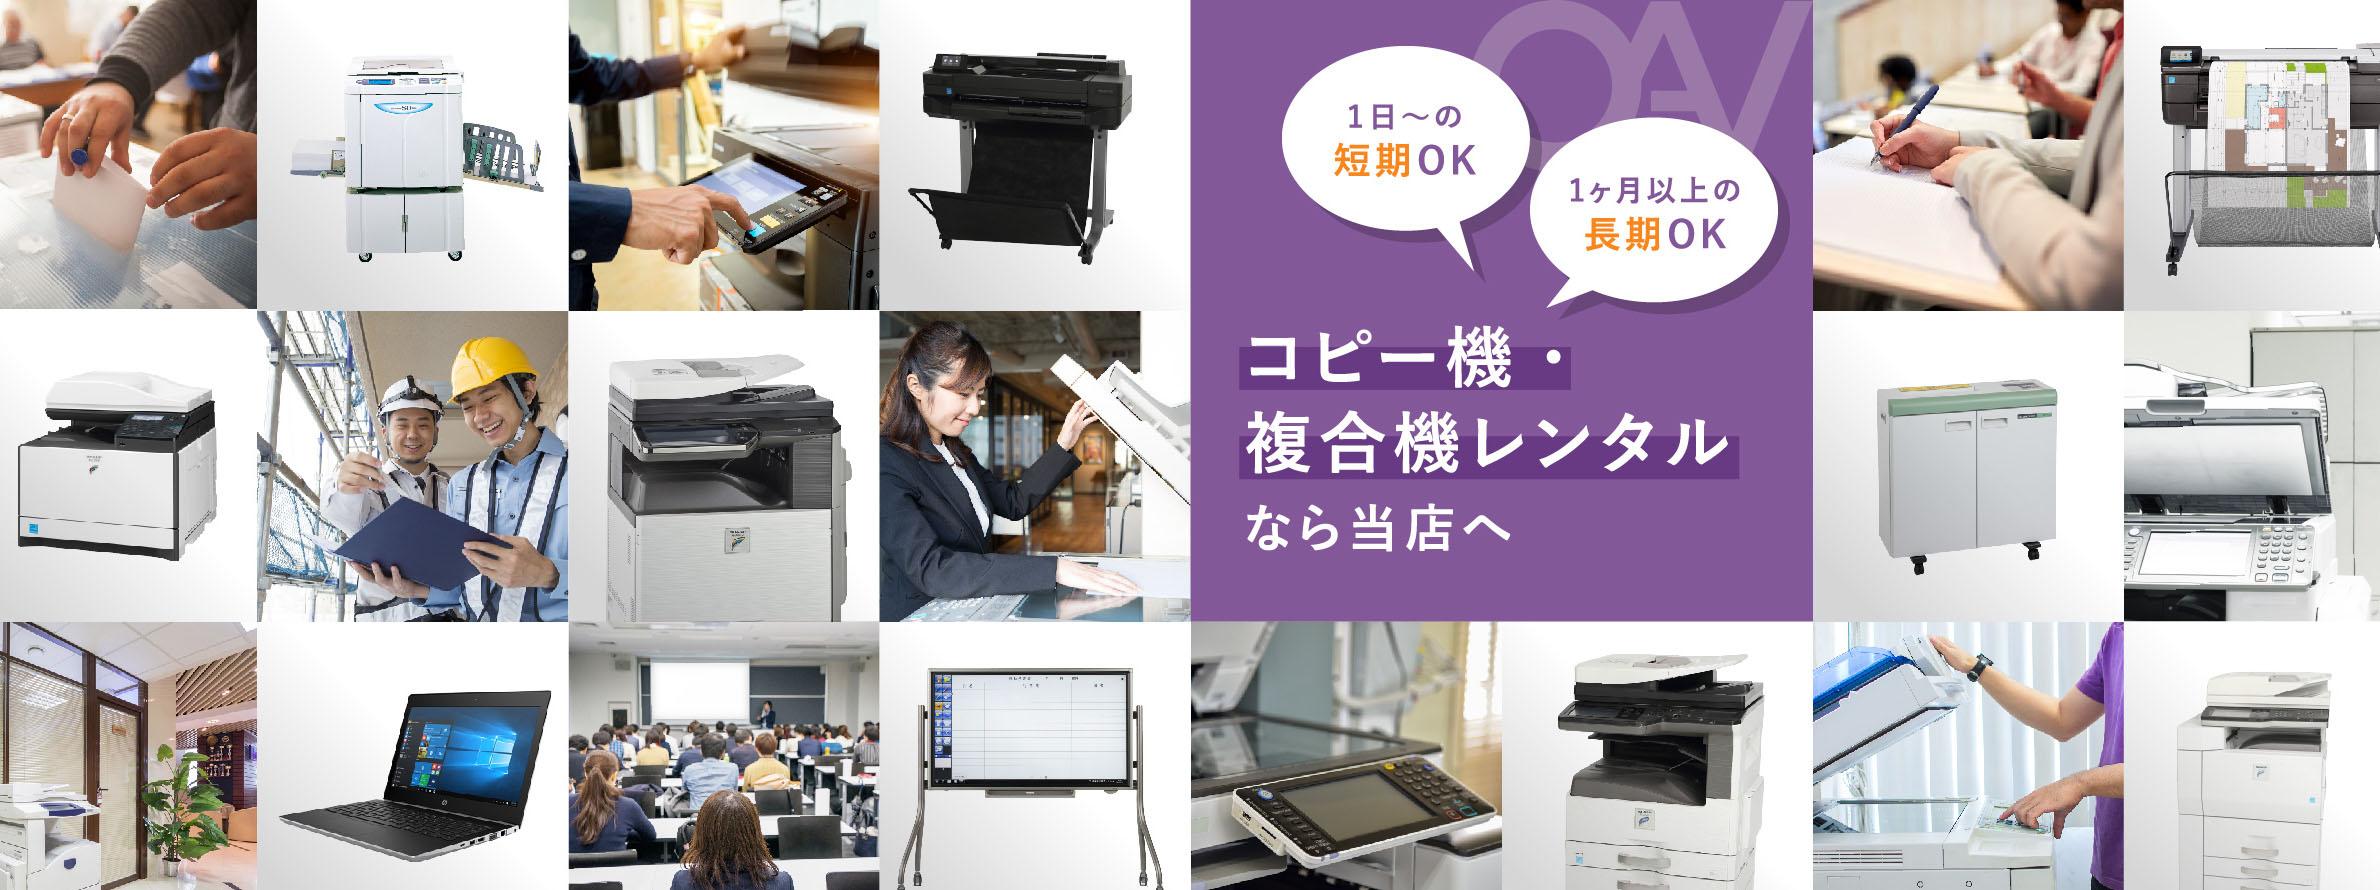 コピー機なら当店へ / 1日〜の短期OK / 1ヶ月以上の長期OK